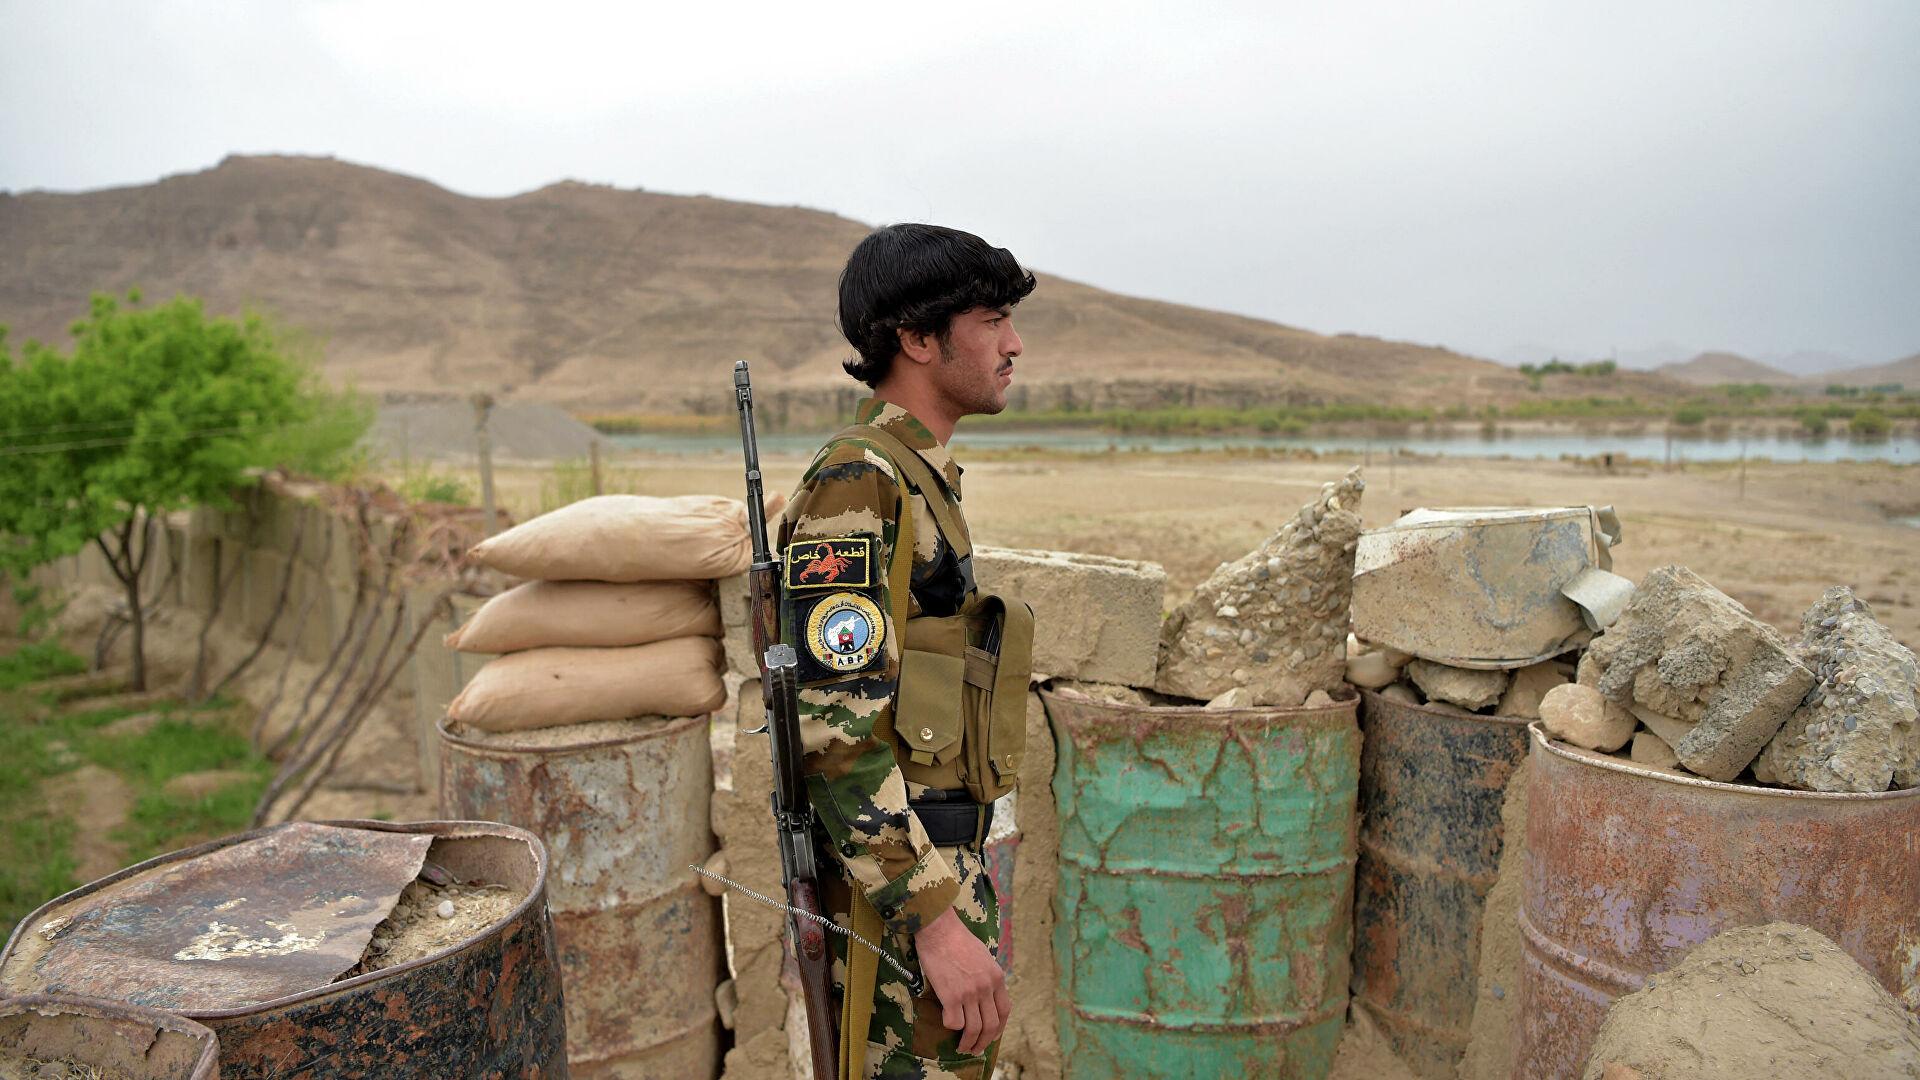 В Афганистане арестовали сразу несколько командиров «Талибана»